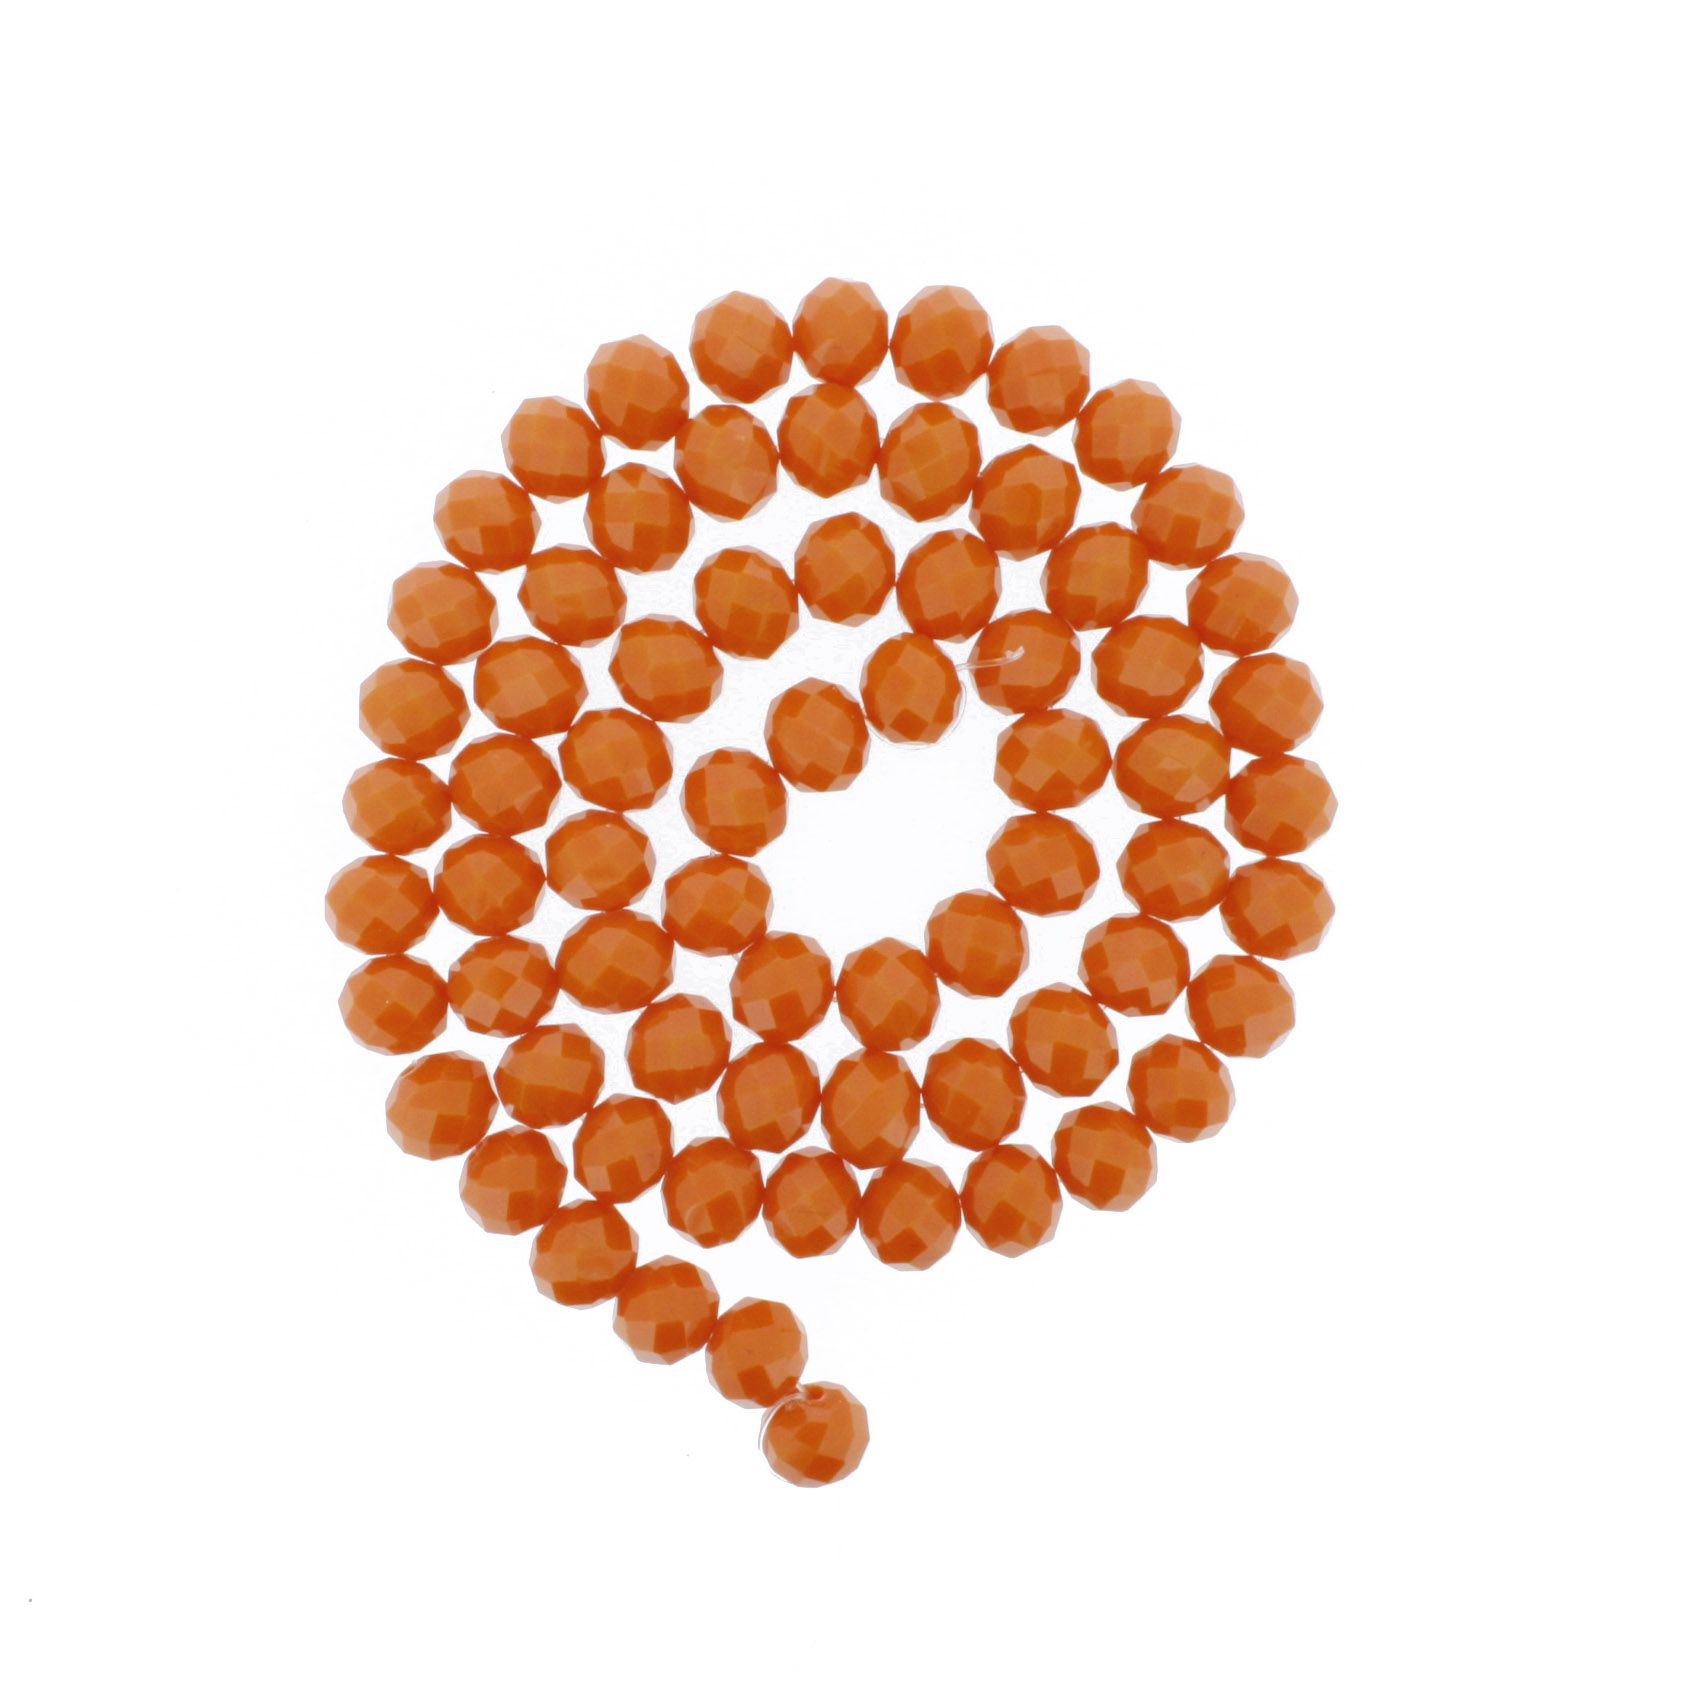 Fio de Cristal - Flat® - Laranja Coral - 10mm  - Stéphanie Bijoux® - Peças para Bijuterias e Artesanato